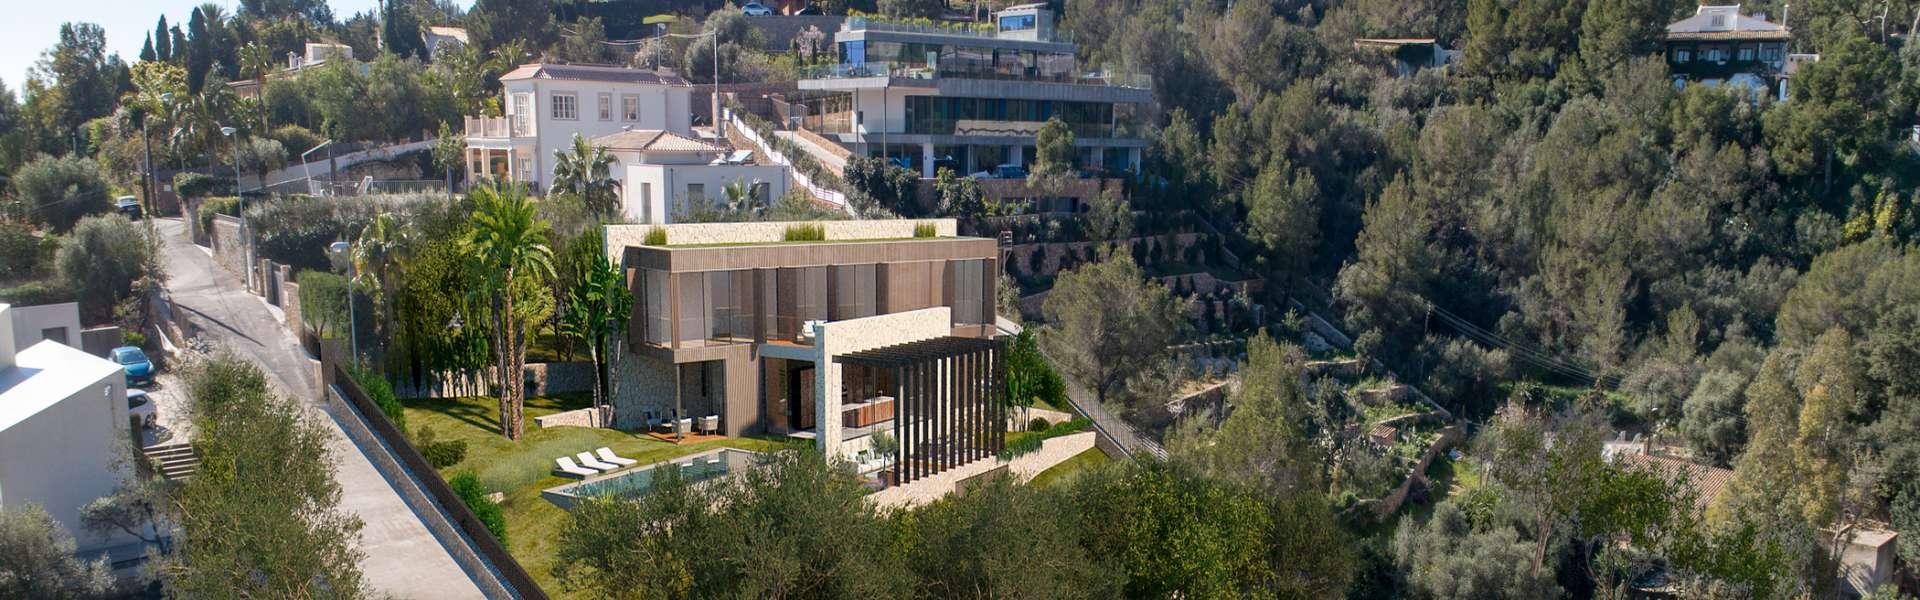 Palma/Génova - Luxuriöse Villa mit Blick auf die Bucht von Palma und die Serra de Tramuntana